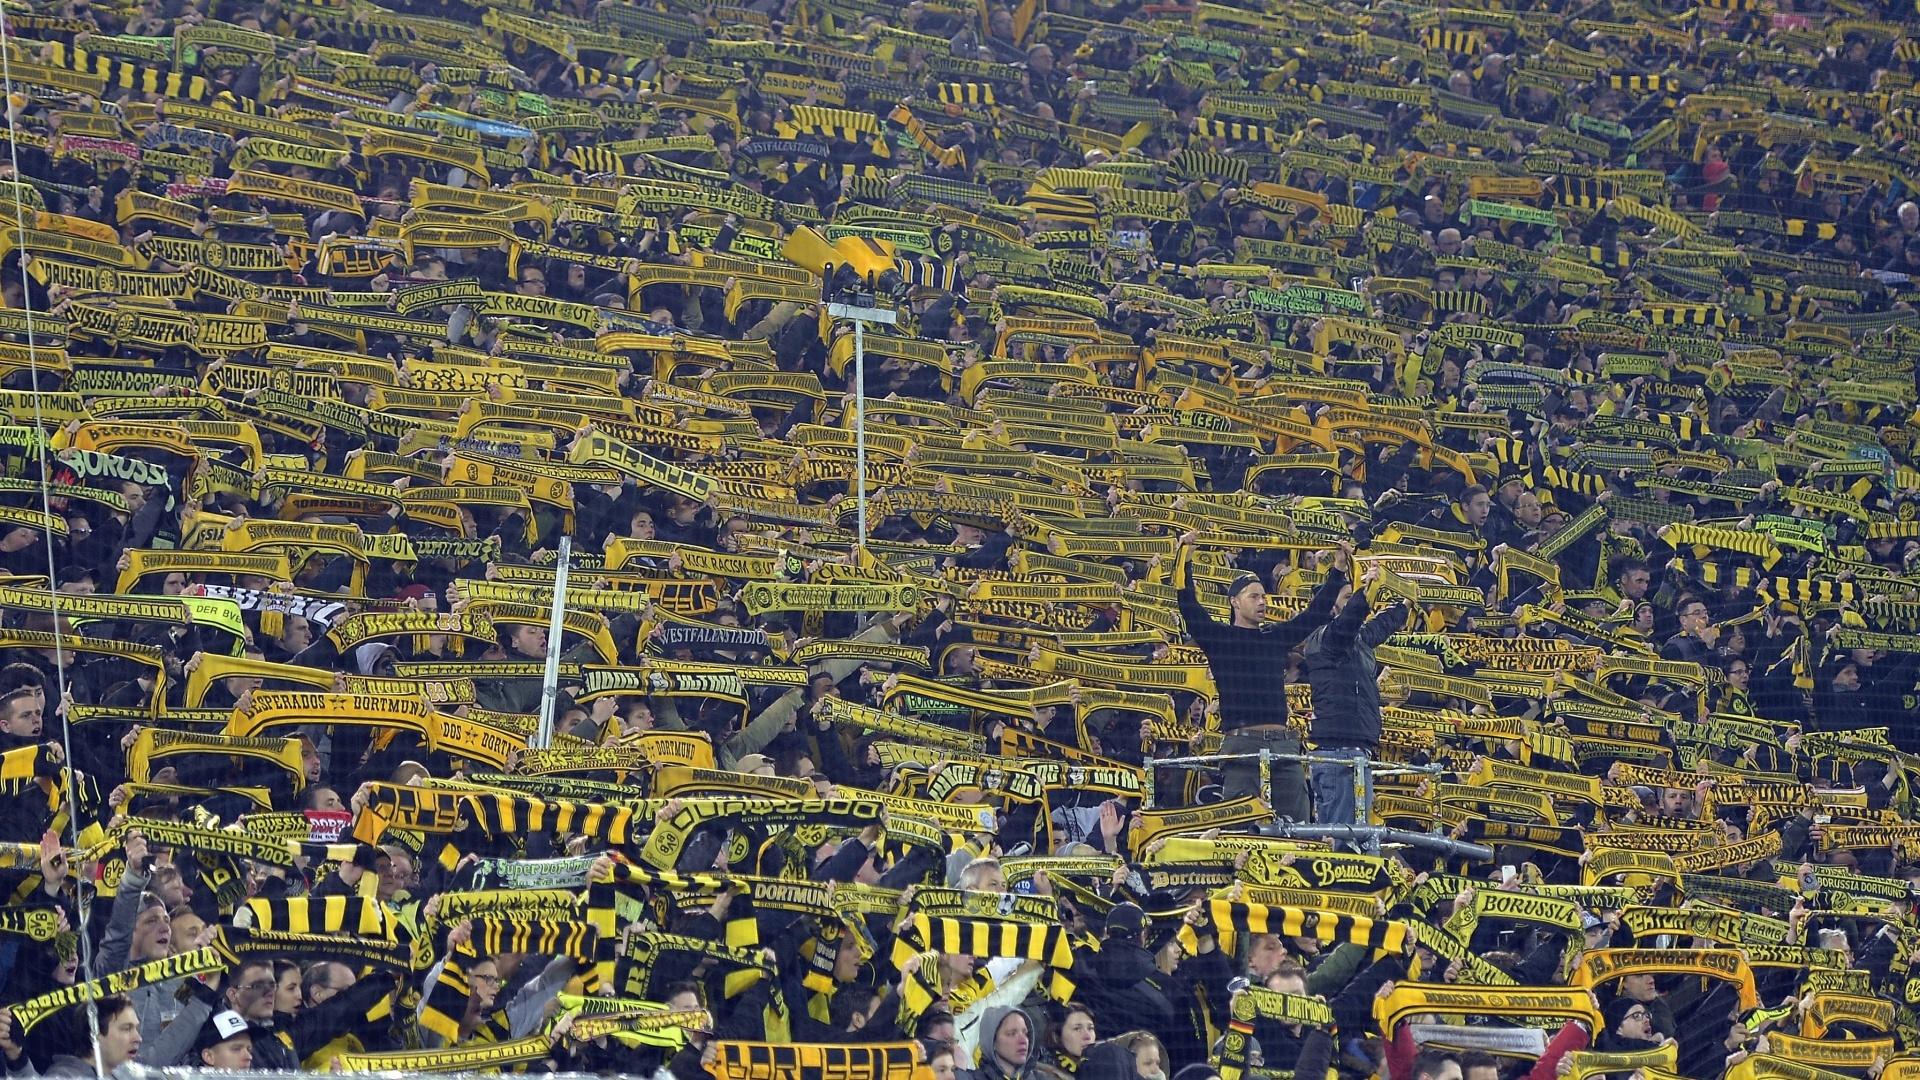 Borussia Dortmund fans sing You'll Never Walk Alone